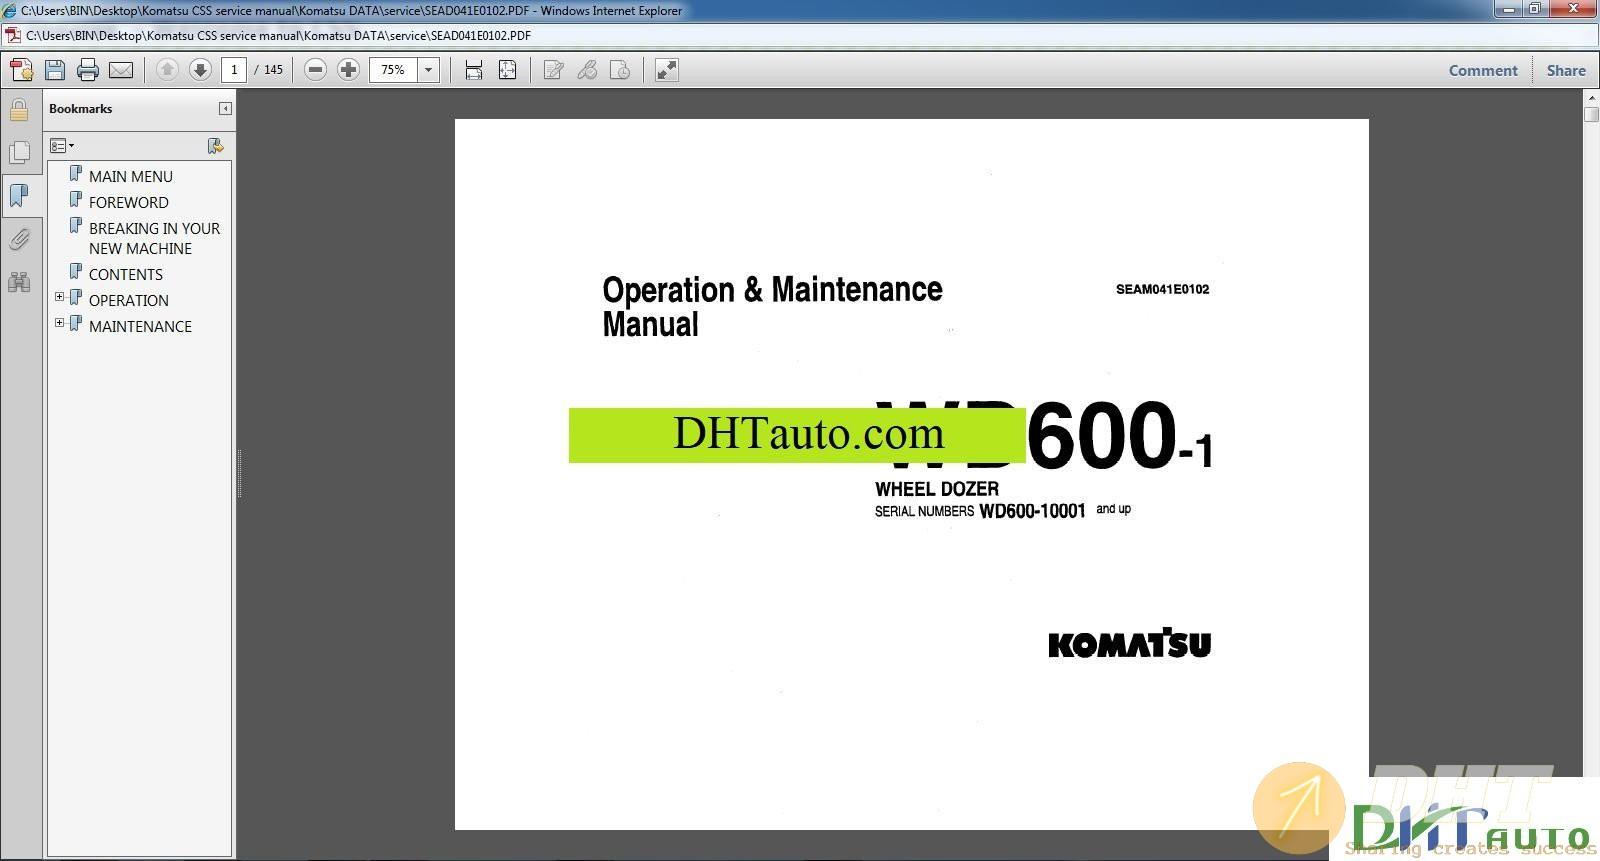 Komatsu-CSS-2014-Full-6.jpg